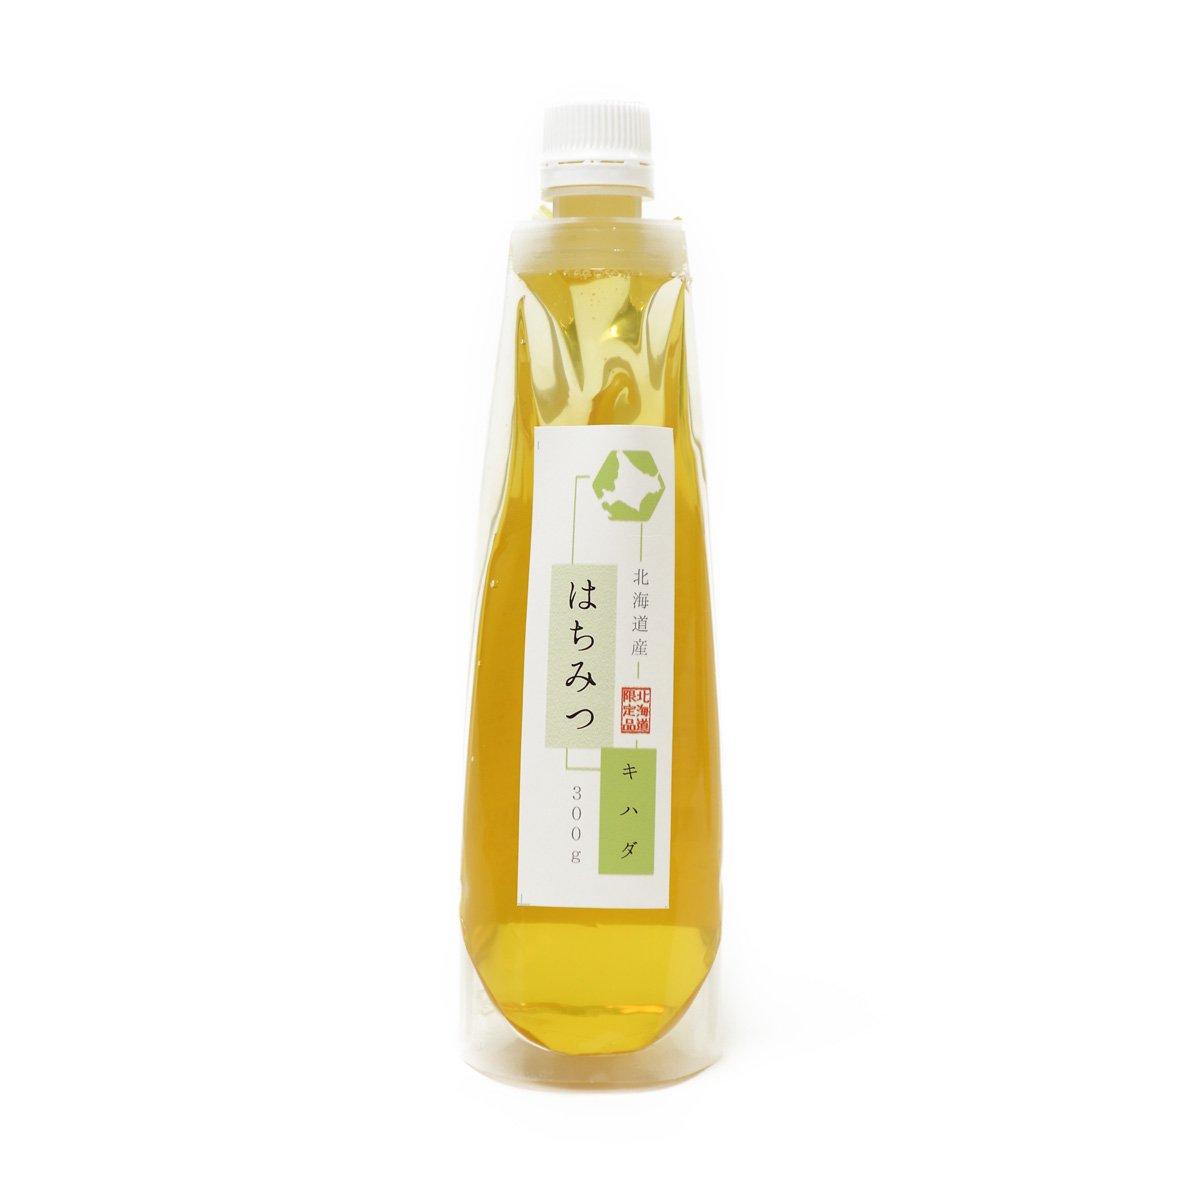 【数量限定】北海道産らくらく蜂蜜 キハダ